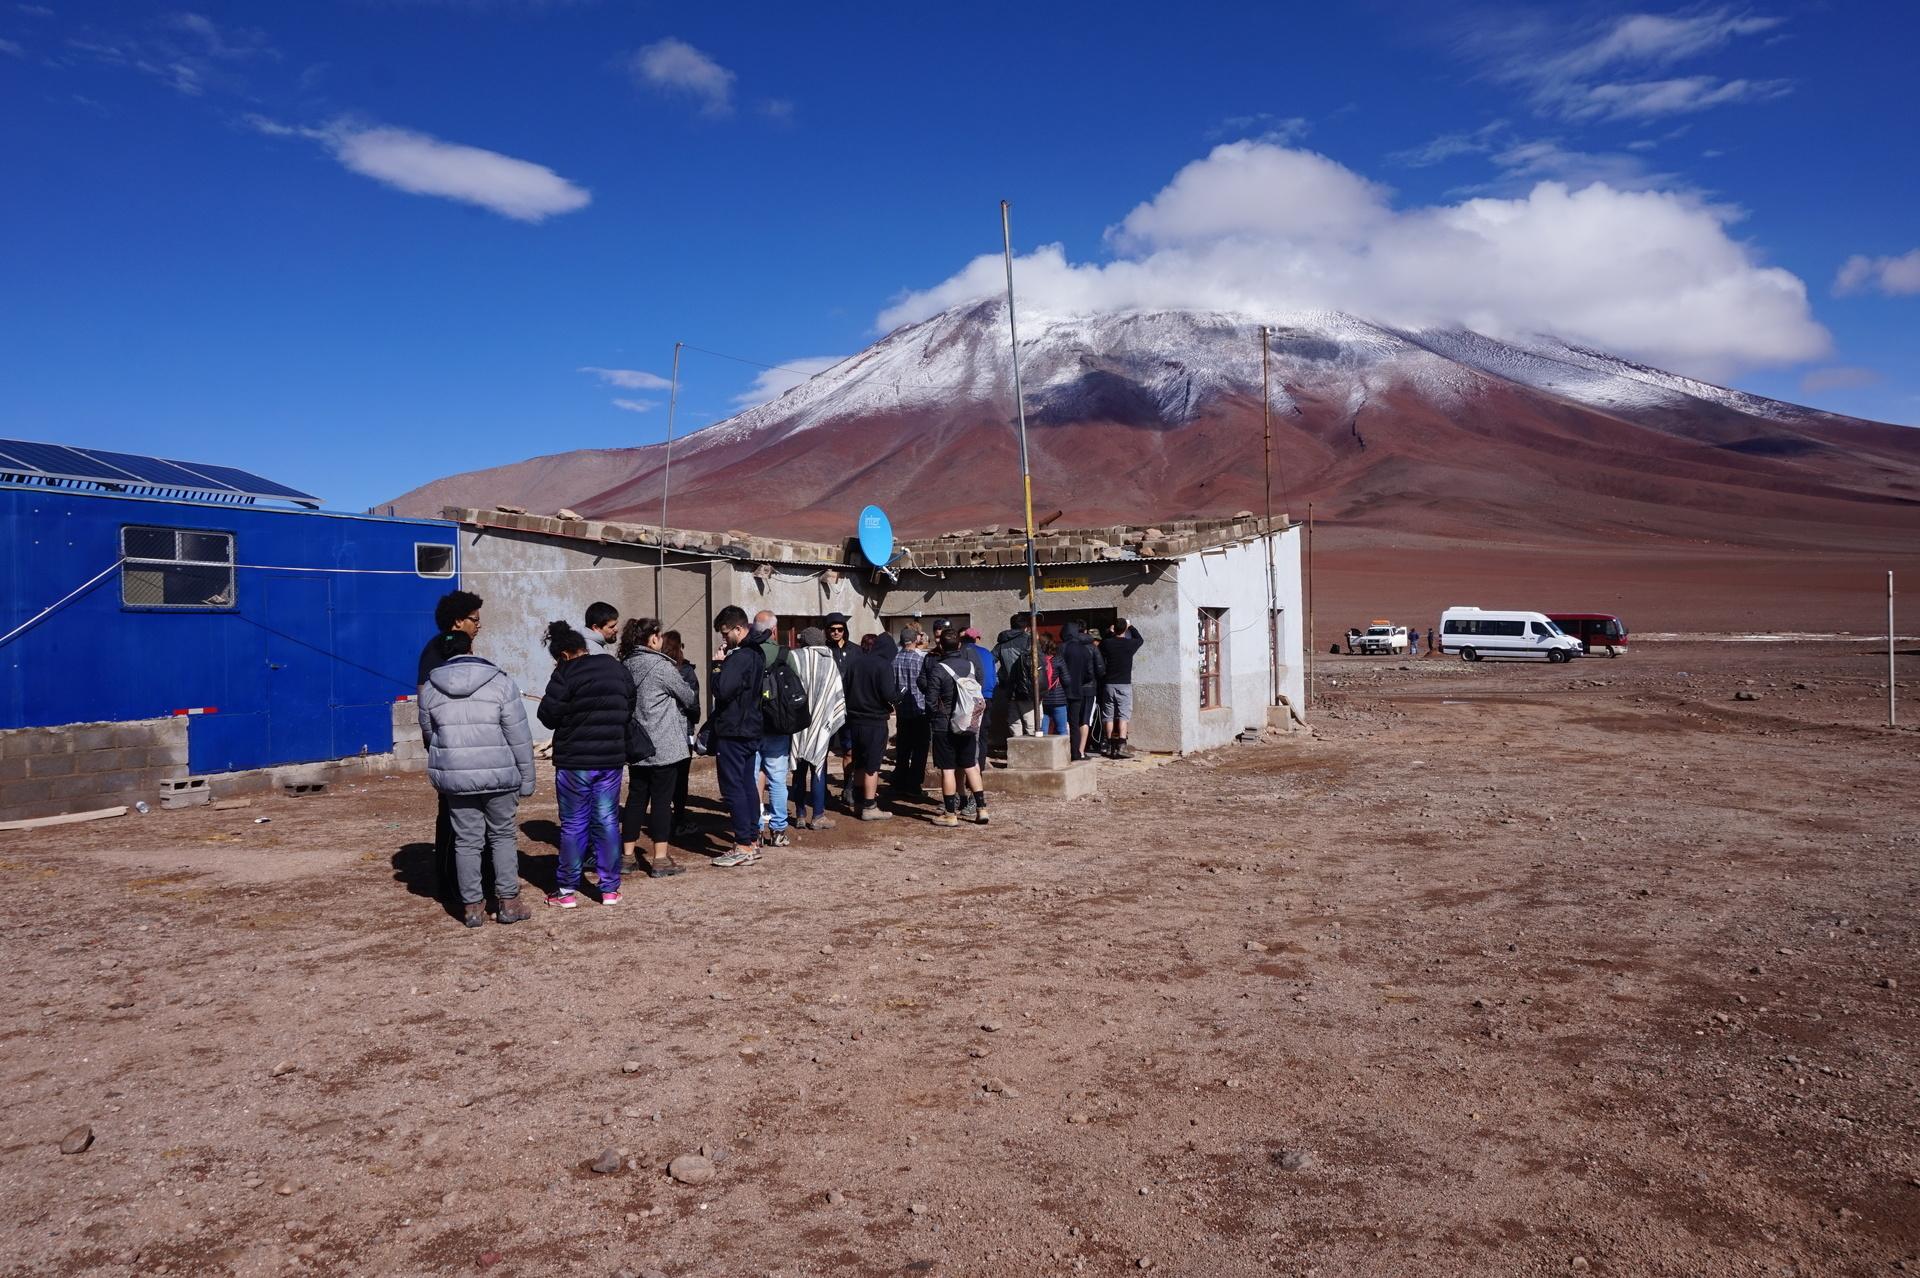 チリ ボリビア ウユニ旅行 2泊3日ツアー 入国審査時